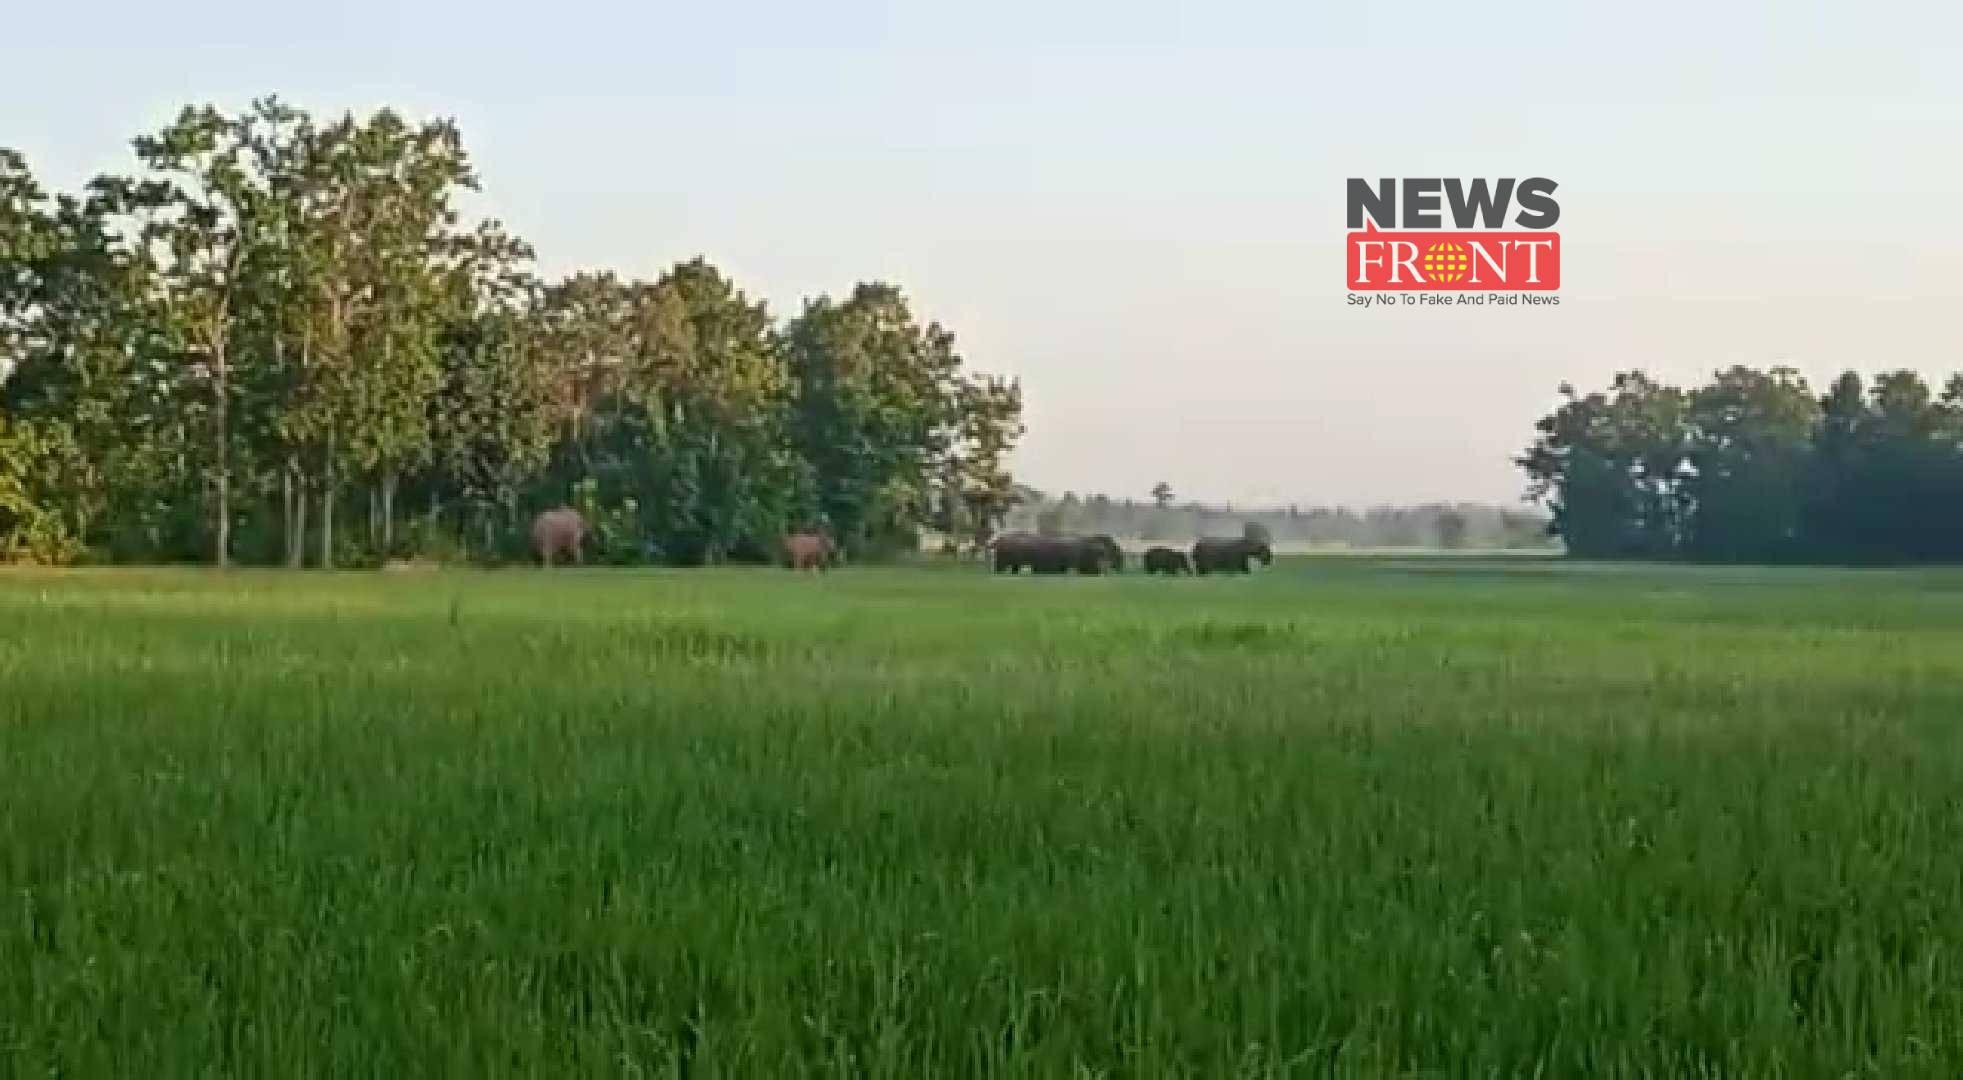 elephant | newsfront.co